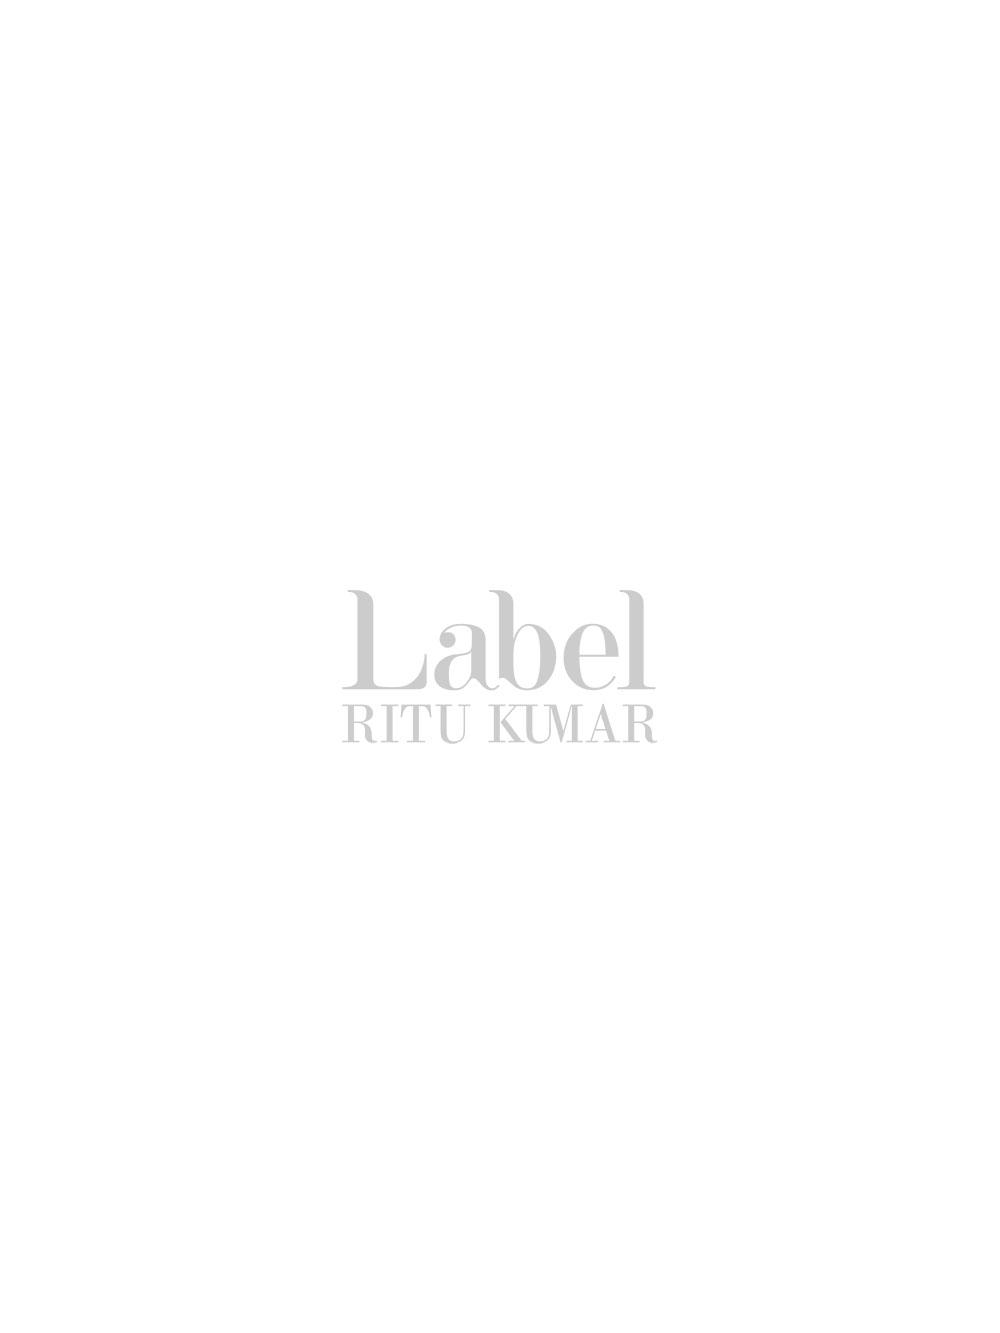 Burgundy Crochet Dress By Label Ritu Kumar